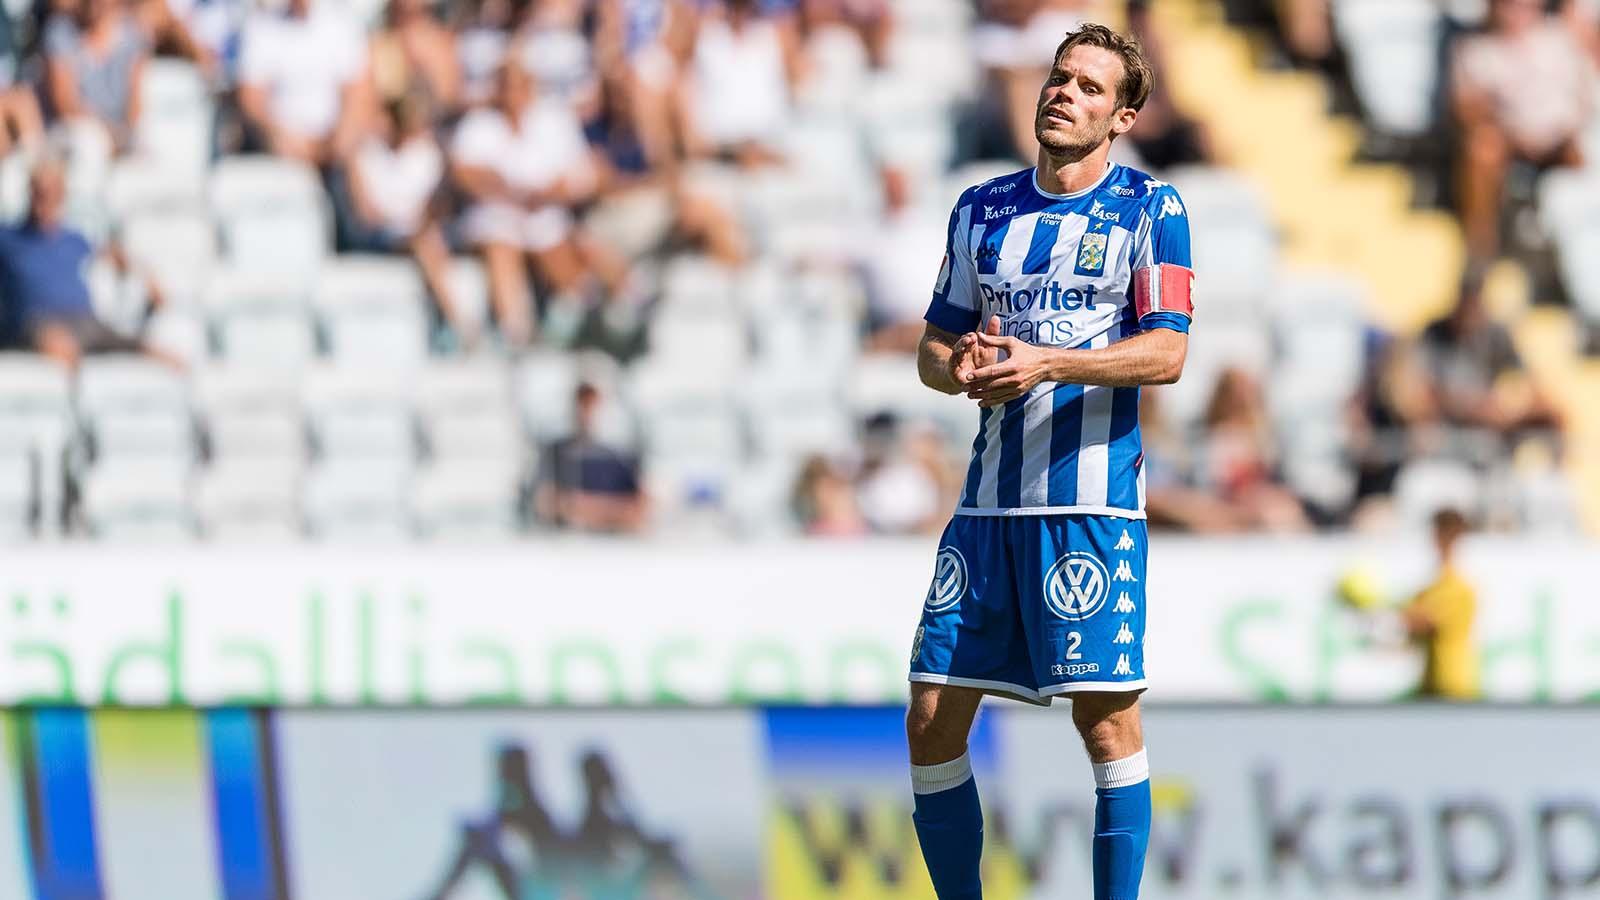 180708 IFK Göteborgs Emil Salomonsson deppar under fotbollsmatchen i Allsvenskan mellan IFK Göteborg och Kalmar den 8 juli 2018 i Göteborg. Foto: Krister Andersson / BILDBYRÅN / Kod KA / Cop 147